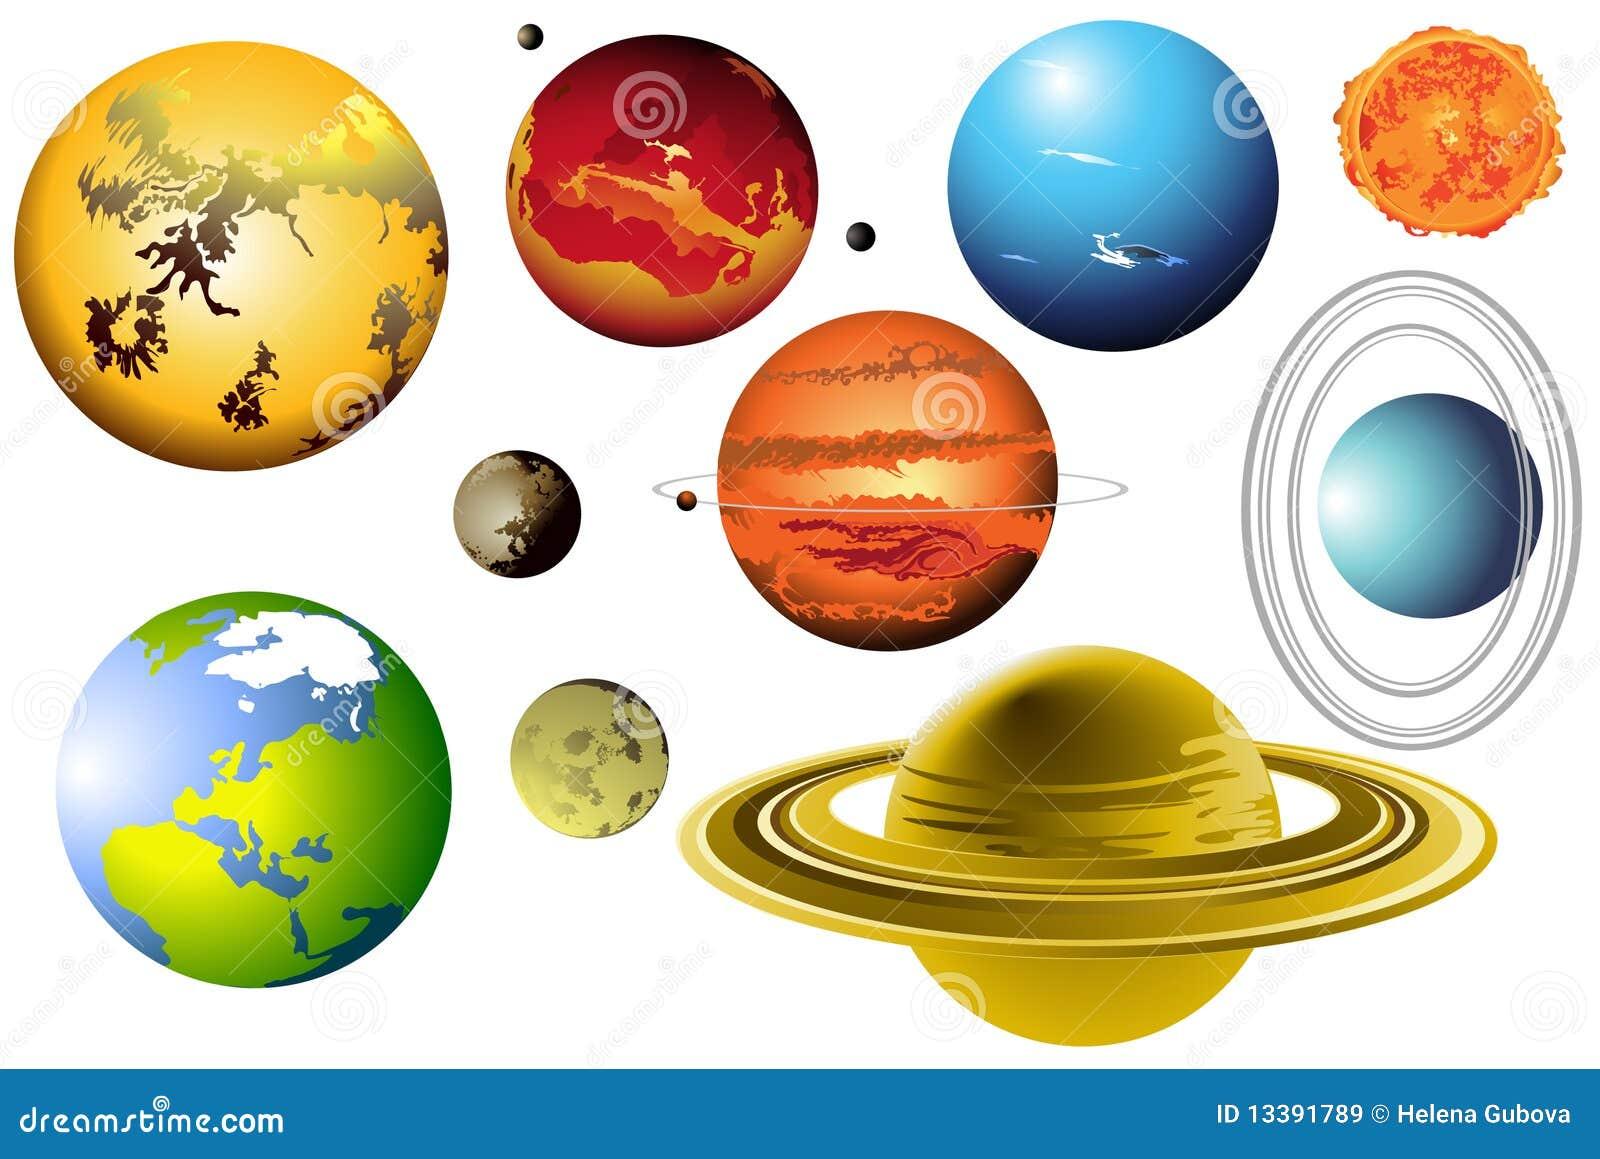 8 планет солнечной системы рисунок